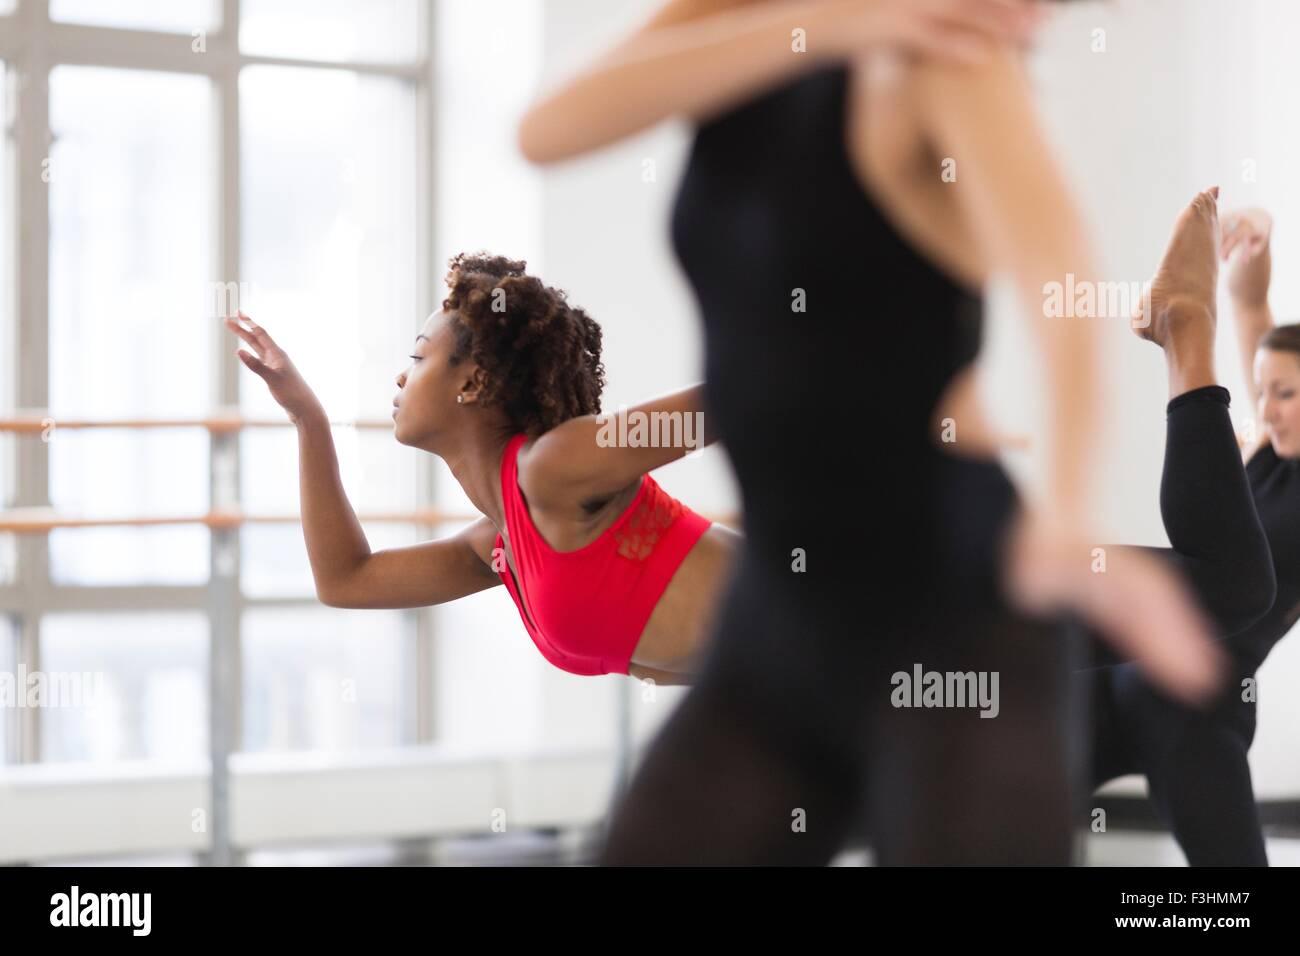 Giovani donne in dance studio di ballo, la messa a fuoco del differenziale Immagini Stock